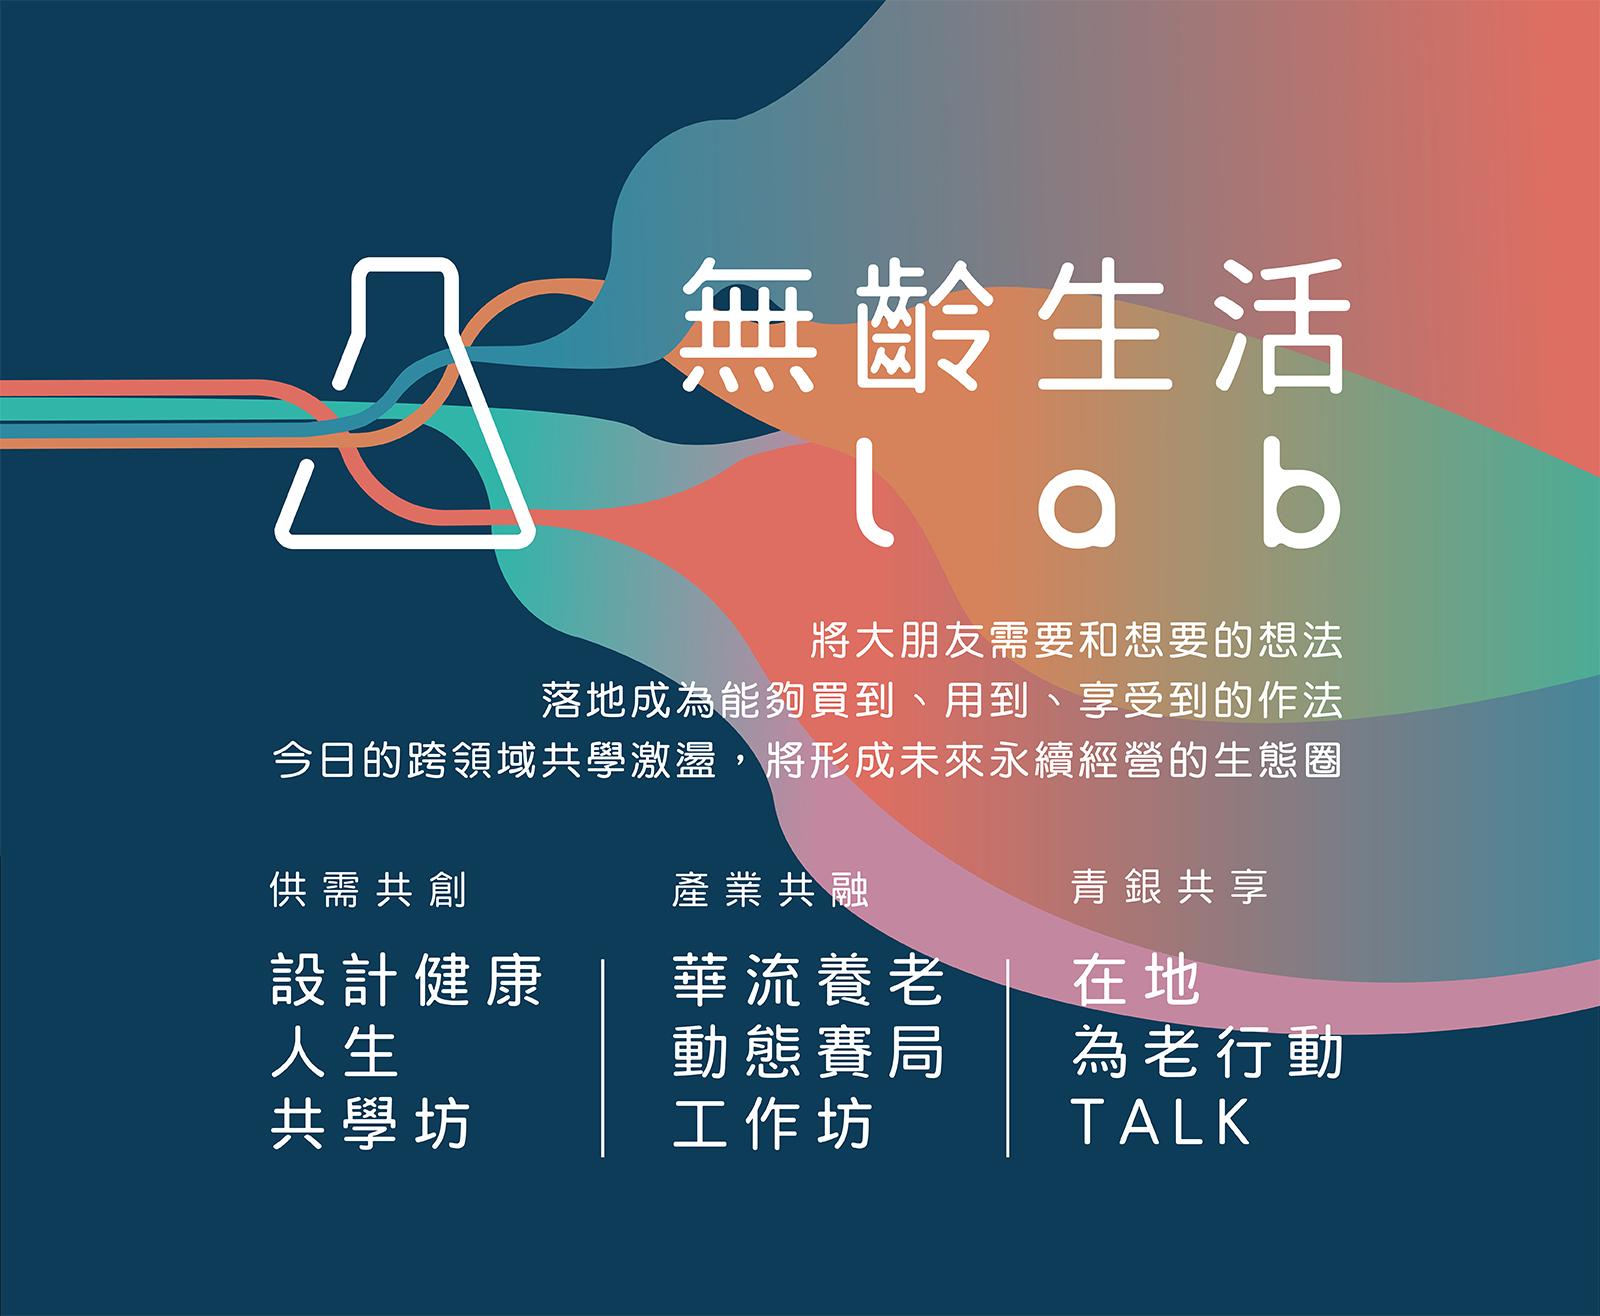 無齡生活Lab|跨領域共學激盪,設計永續經營生態圈